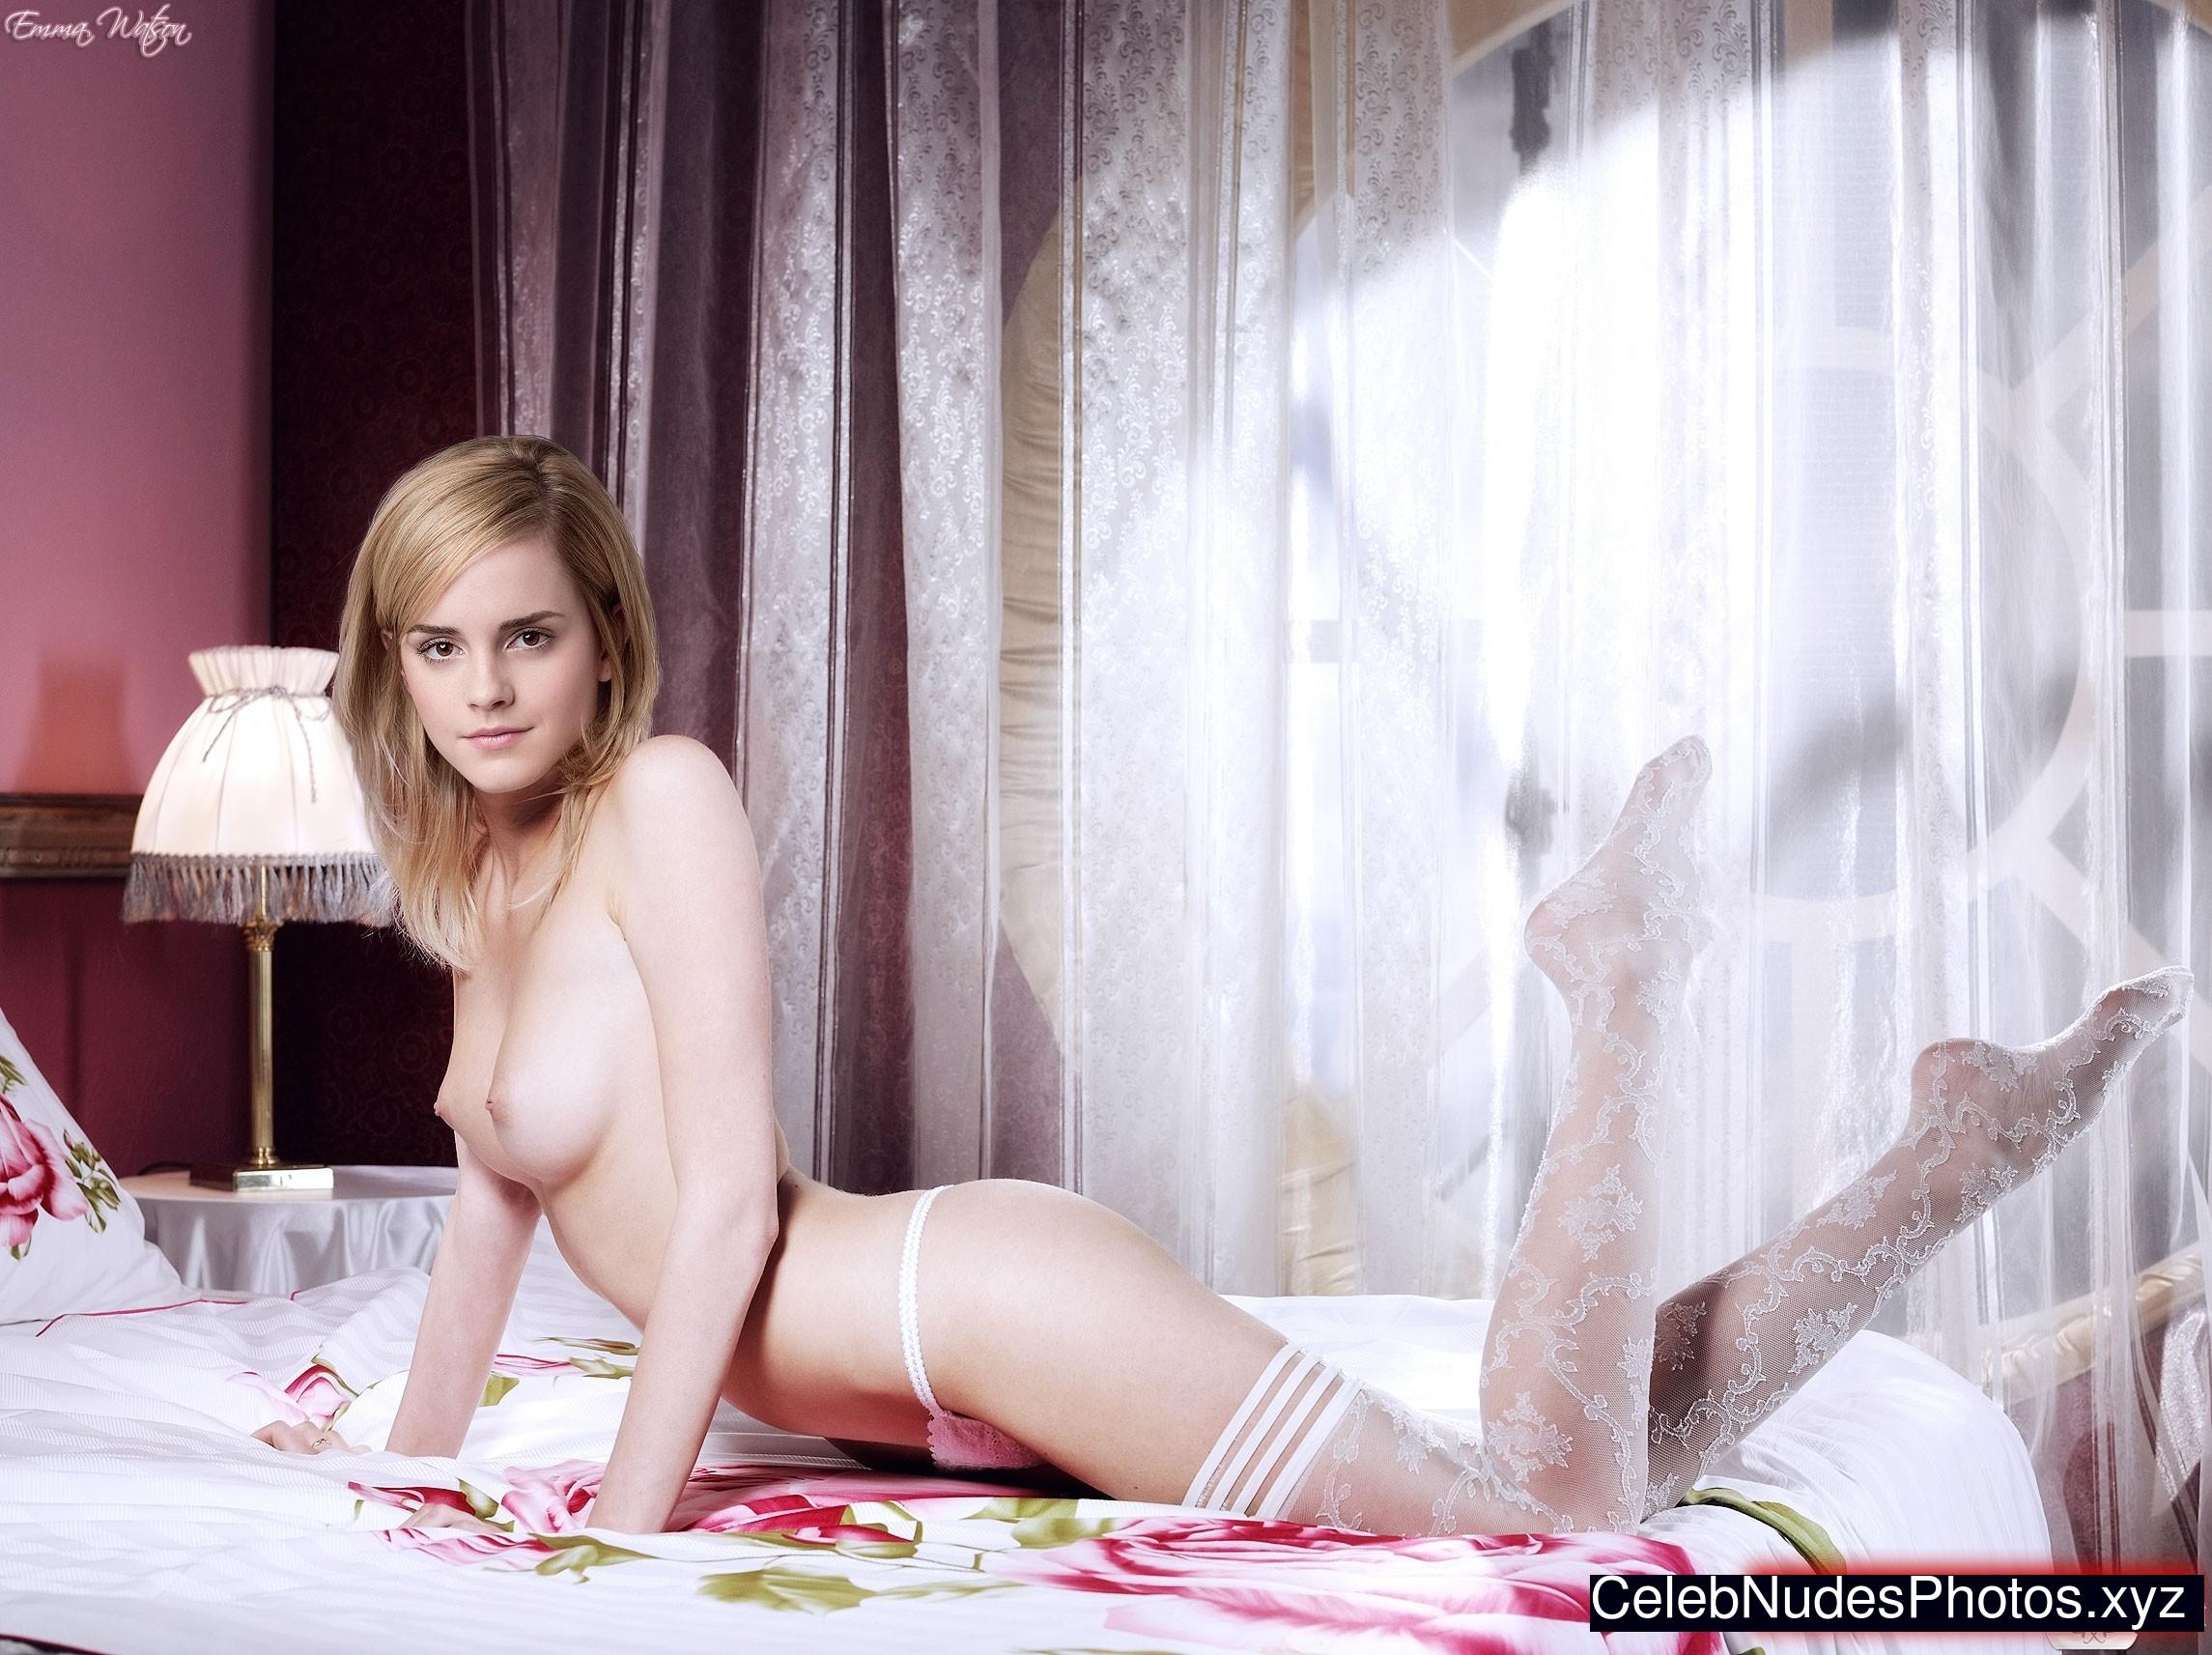 Emma Watson Best Celebrity Nude sexy 22